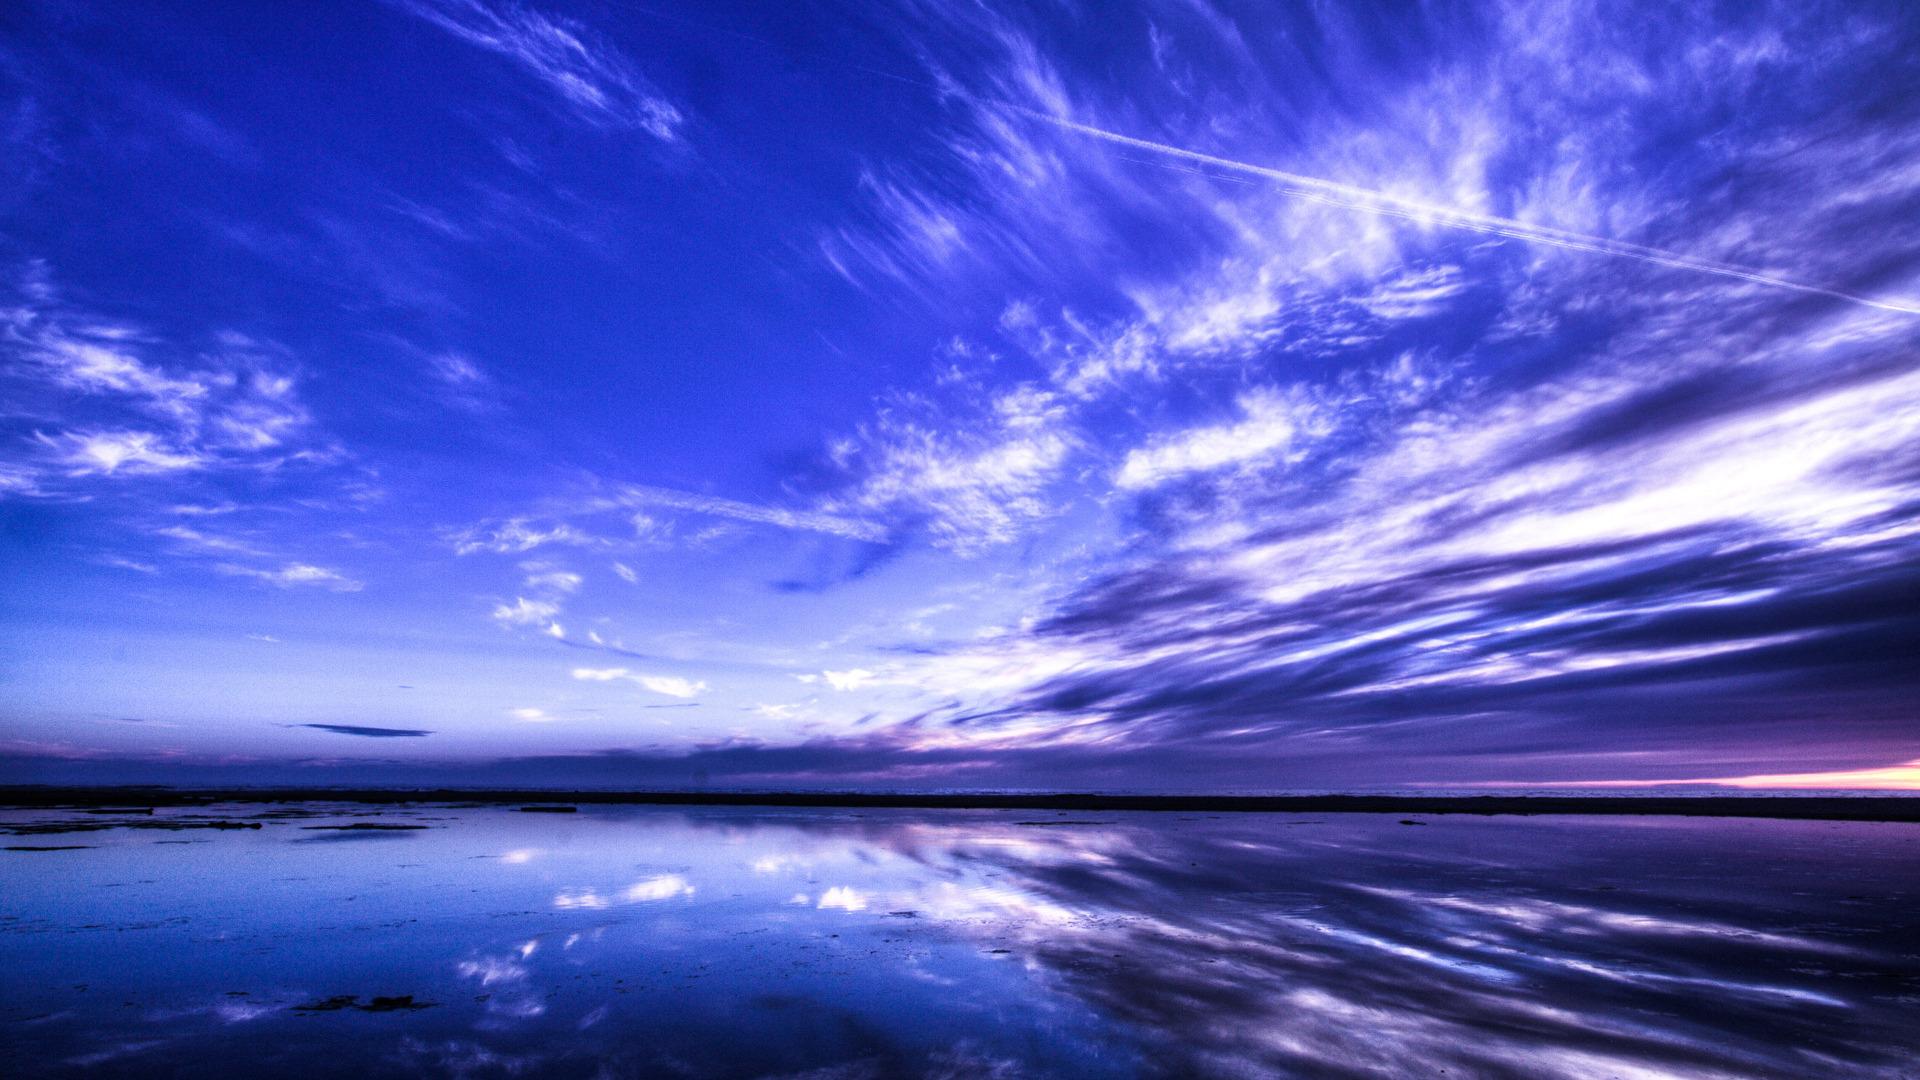 Scenic Scenic Sky (id: 157347)